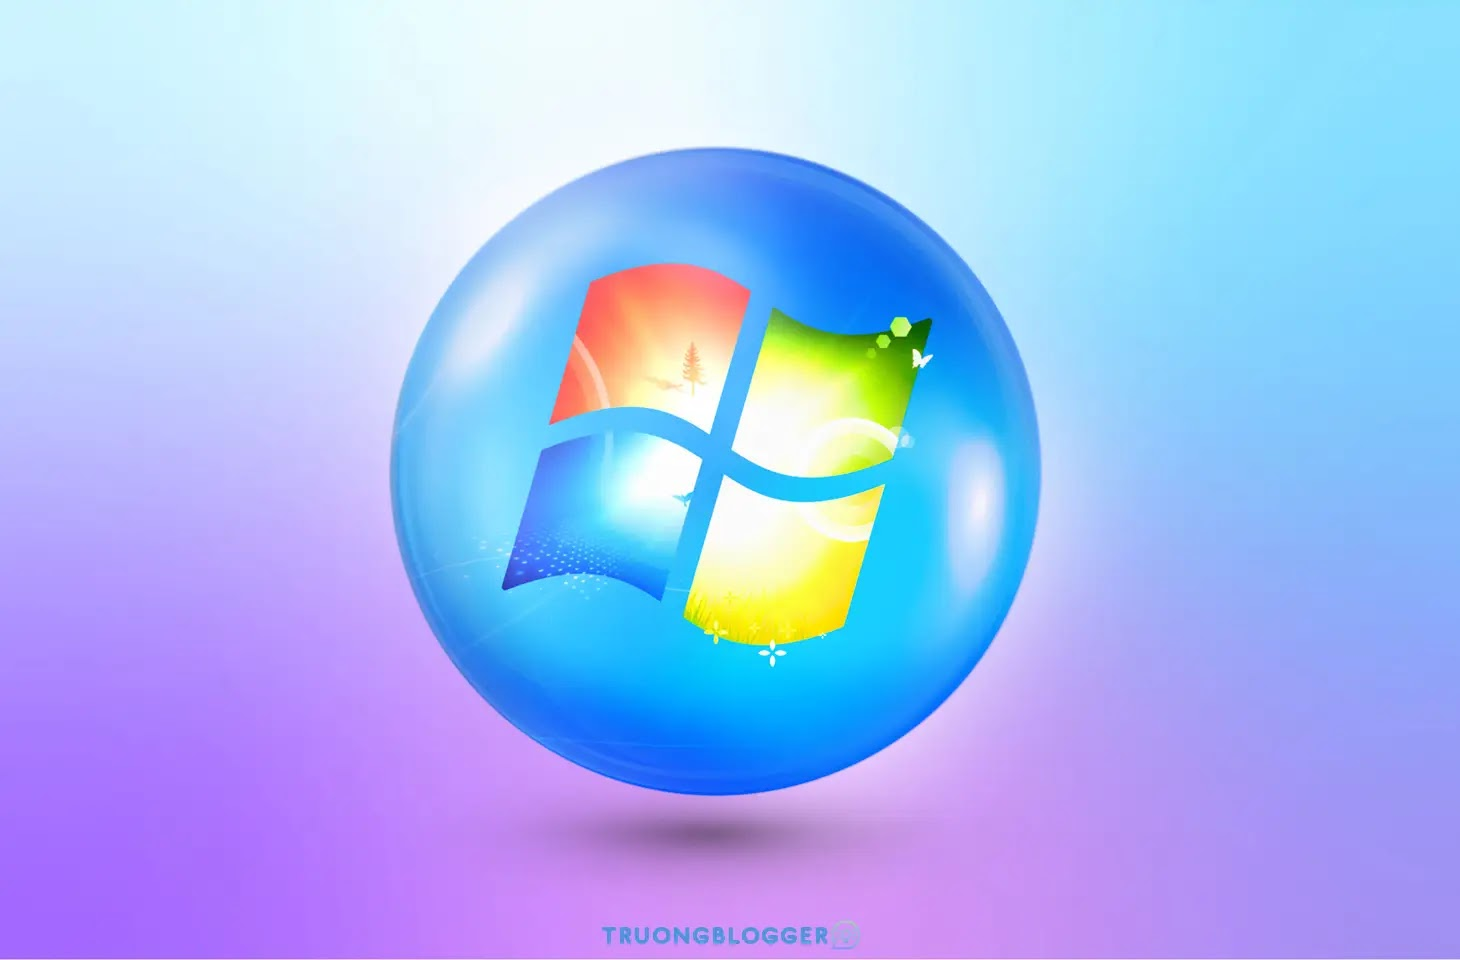 Chia sẻ bộ cài Windows All in One 7, 8.1, 10, 11(x86x64) (80in1) chỉ với 1 Click